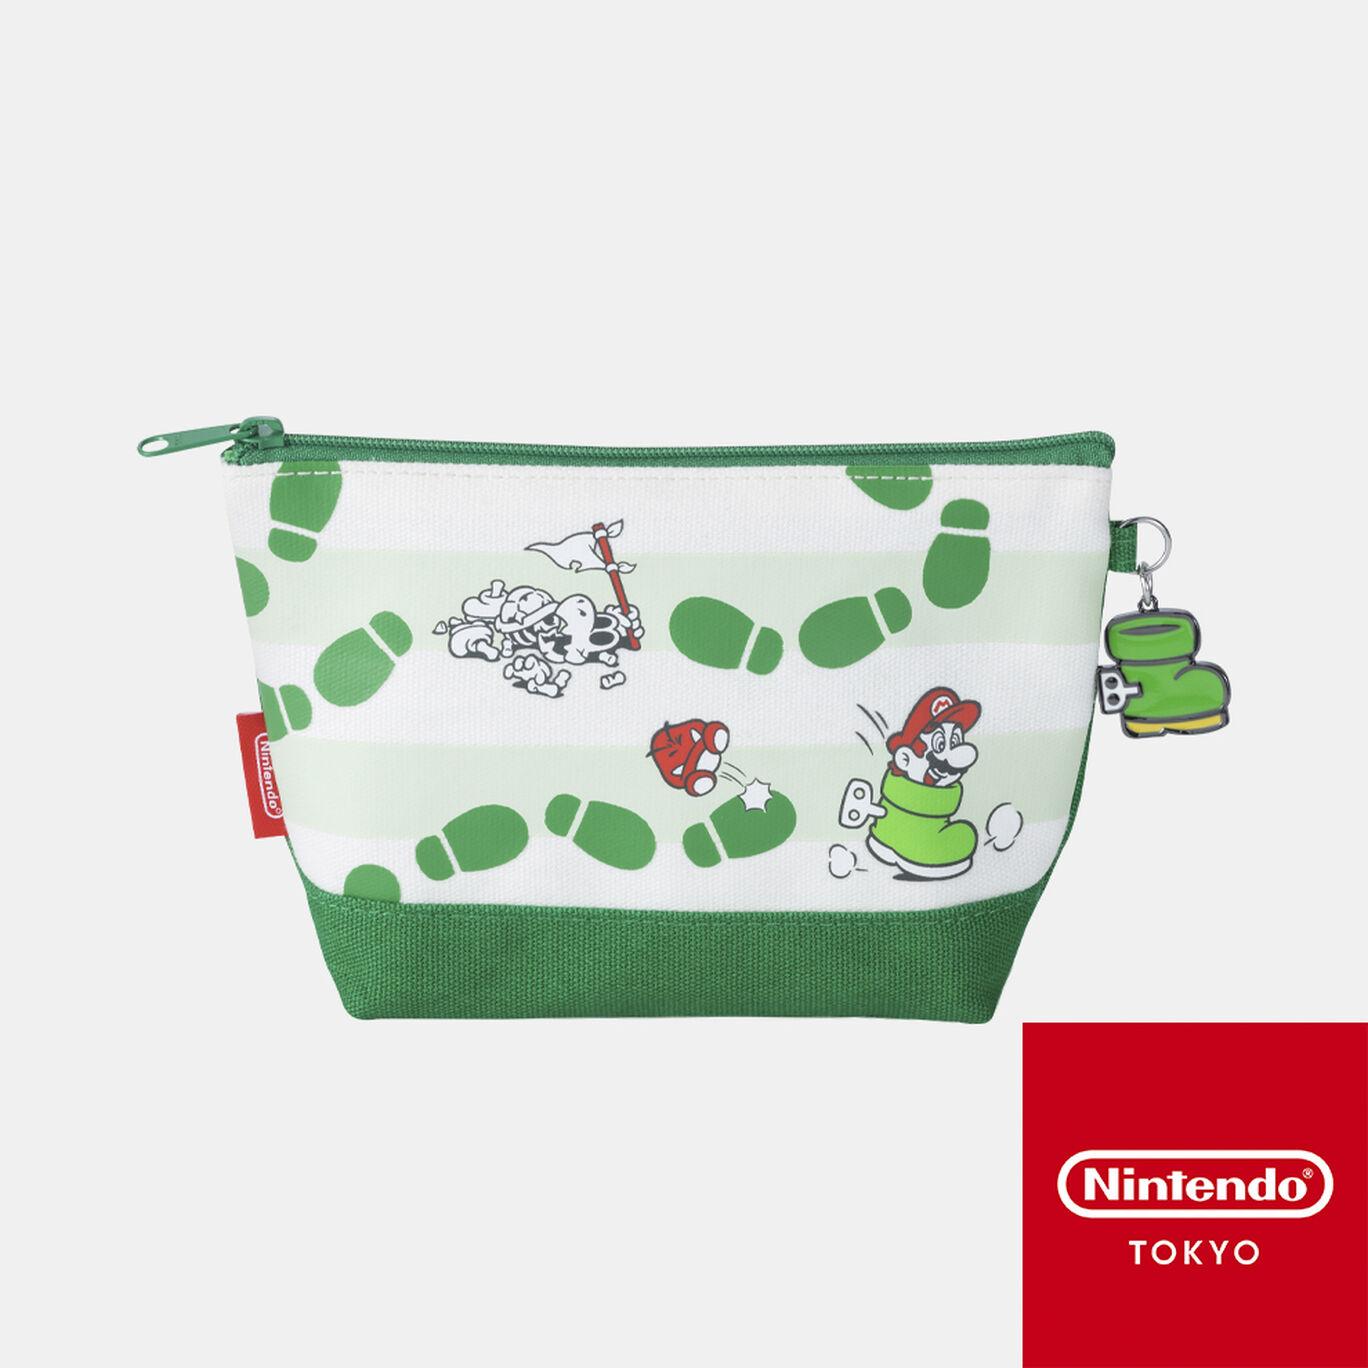 ポーチ スーパーマリオ パワーアップ B【Nintendo TOKYO取り扱い商品】